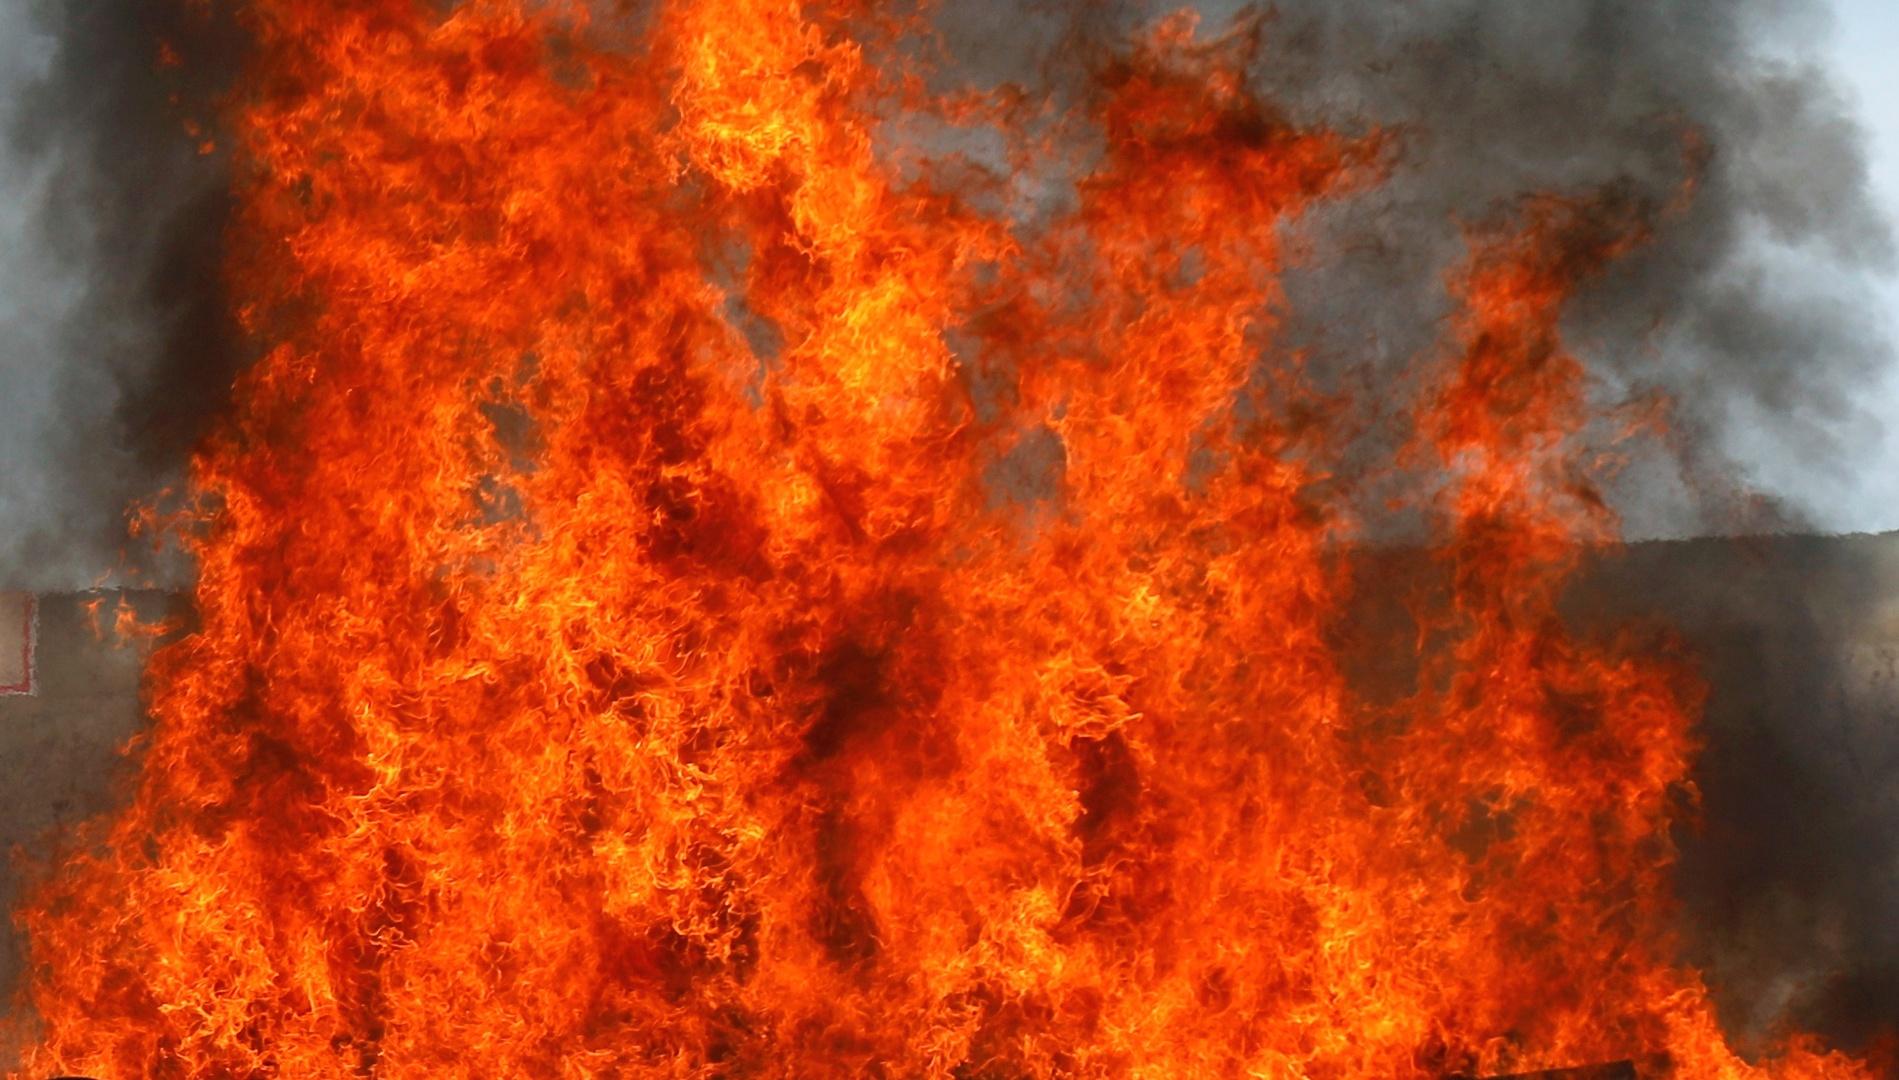 حريق في باكستان. الصورة: أرشيف.